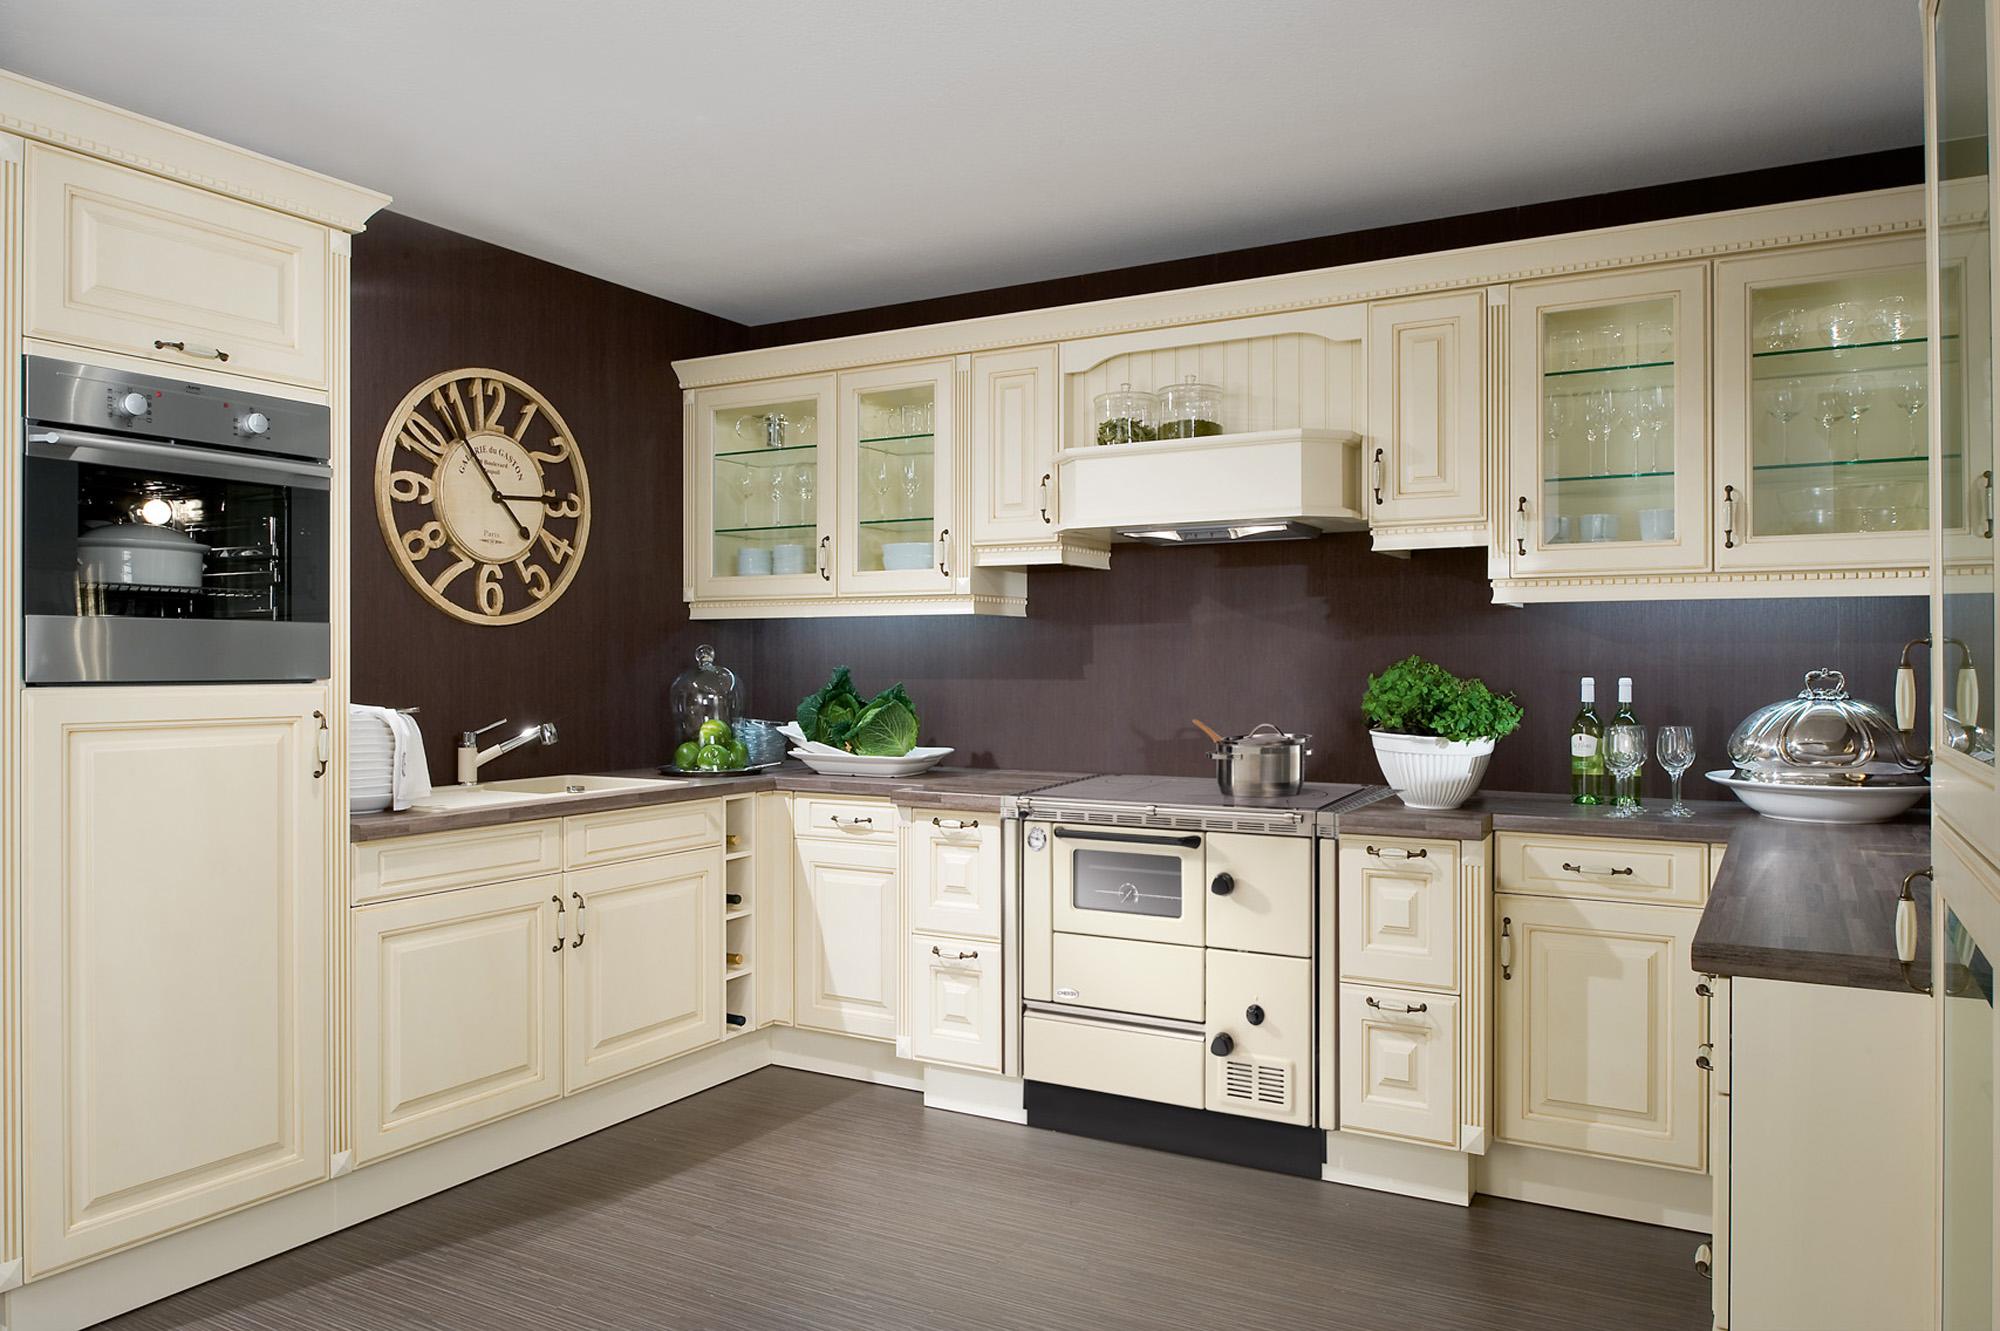 cuisini res bois atre et loisirs importateur lohberger. Black Bedroom Furniture Sets. Home Design Ideas